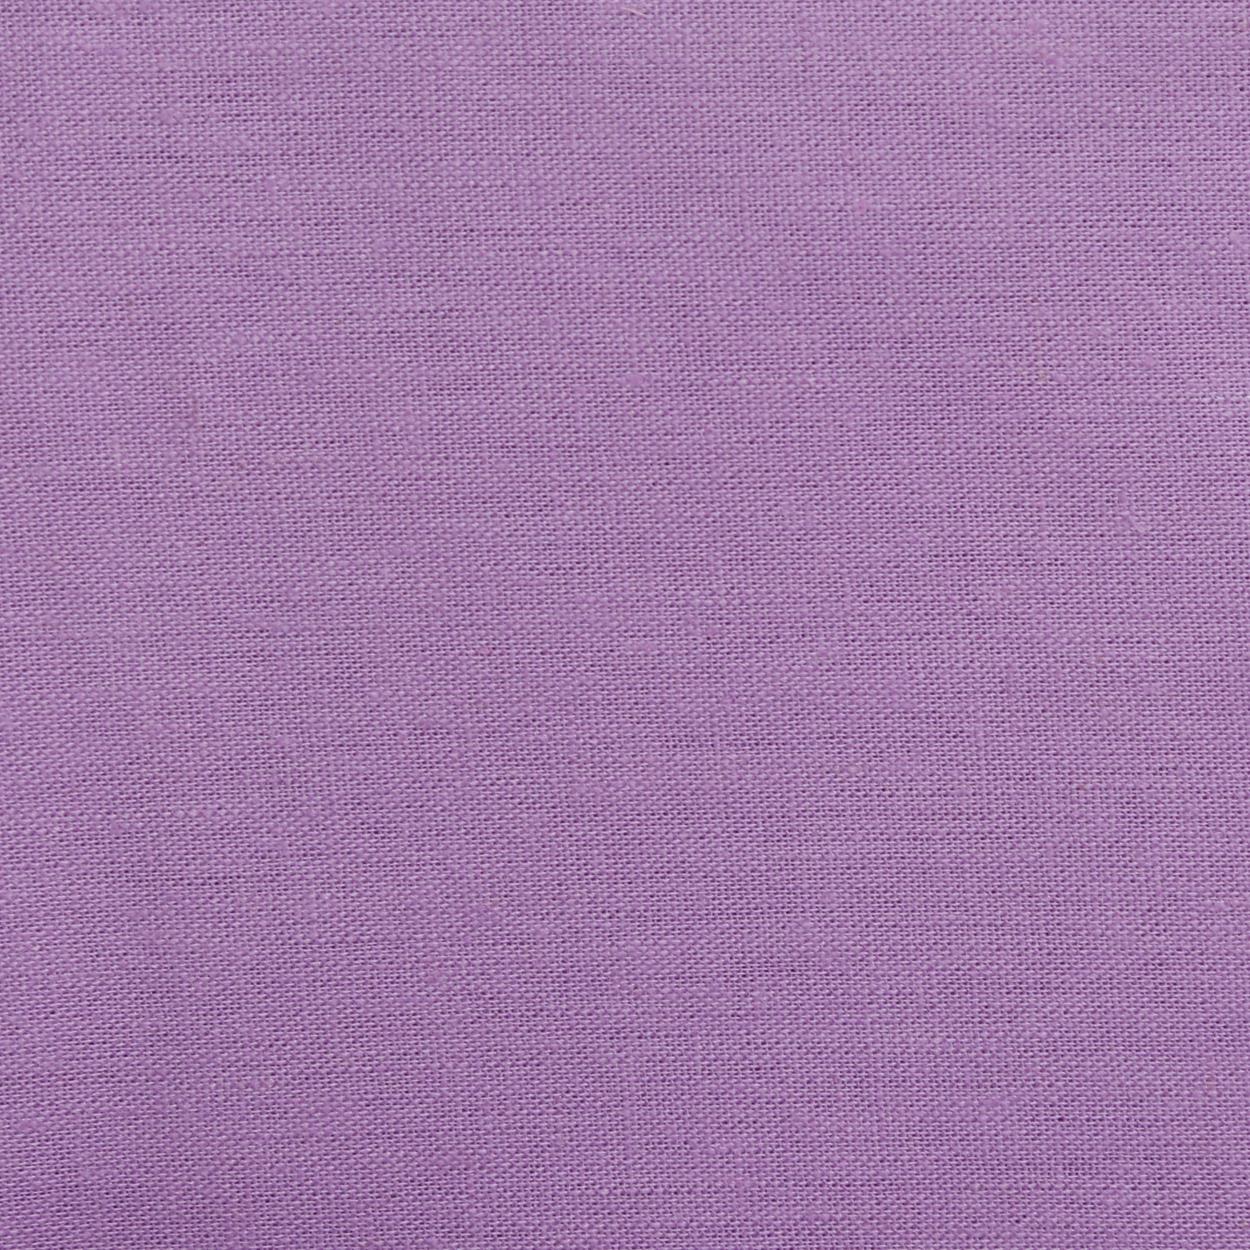 Linen-Lavendar